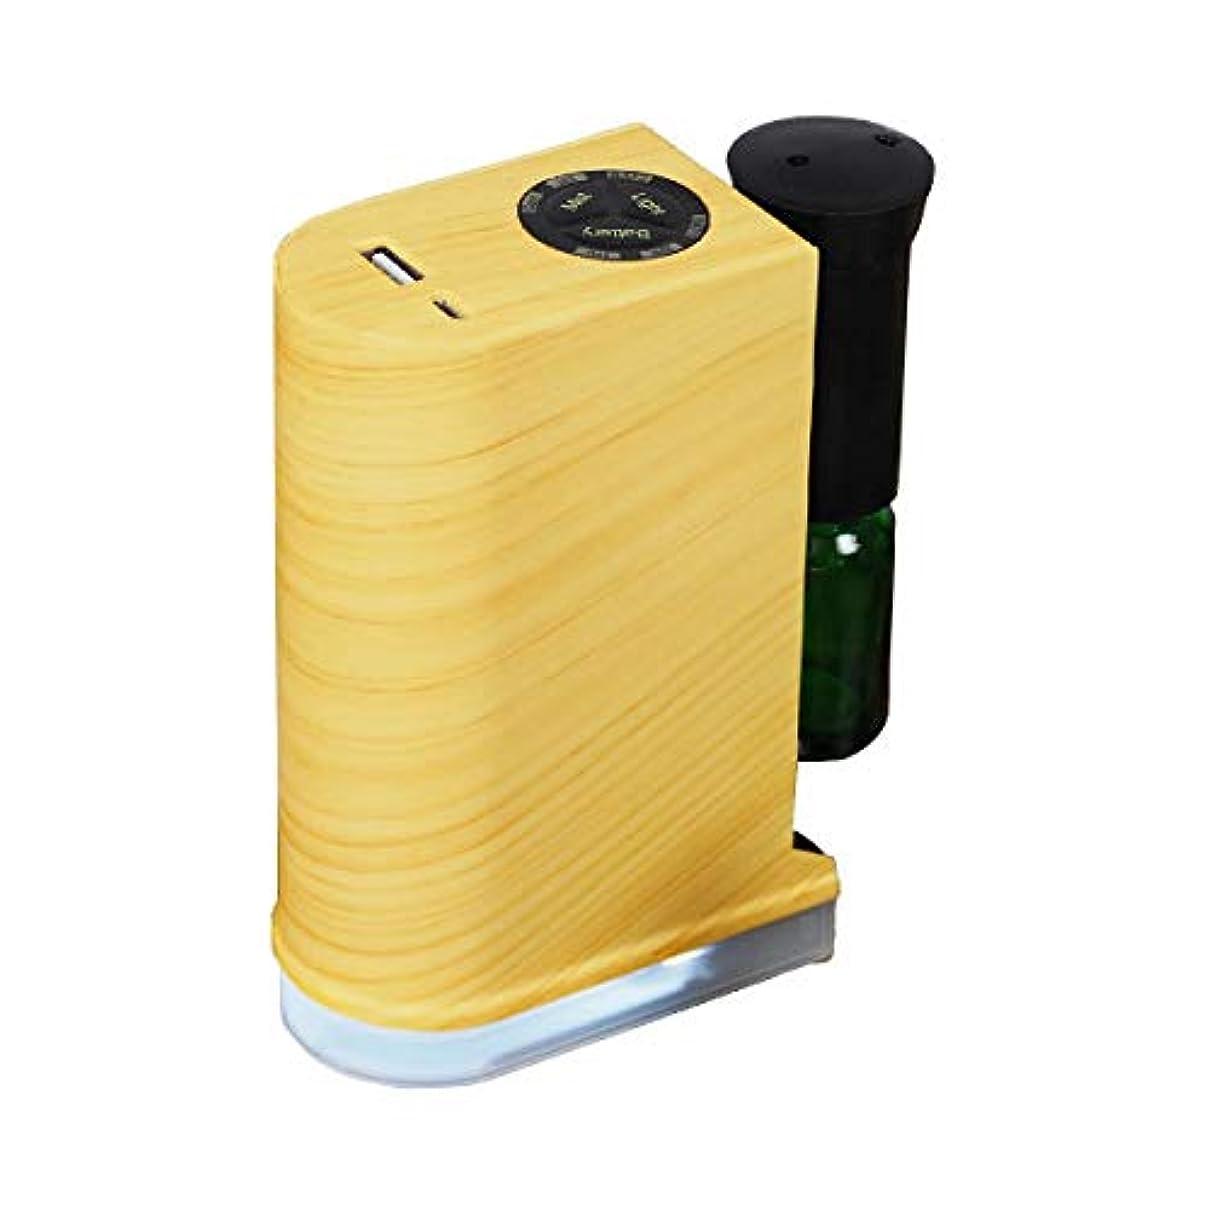 超音速ワンダーバルコニーアロマデュフューザー 水を使わない ネブライザー式アロマディフューザー LED搭載 アロマオイル 精油 アロマ芳香 (ナチュラル)